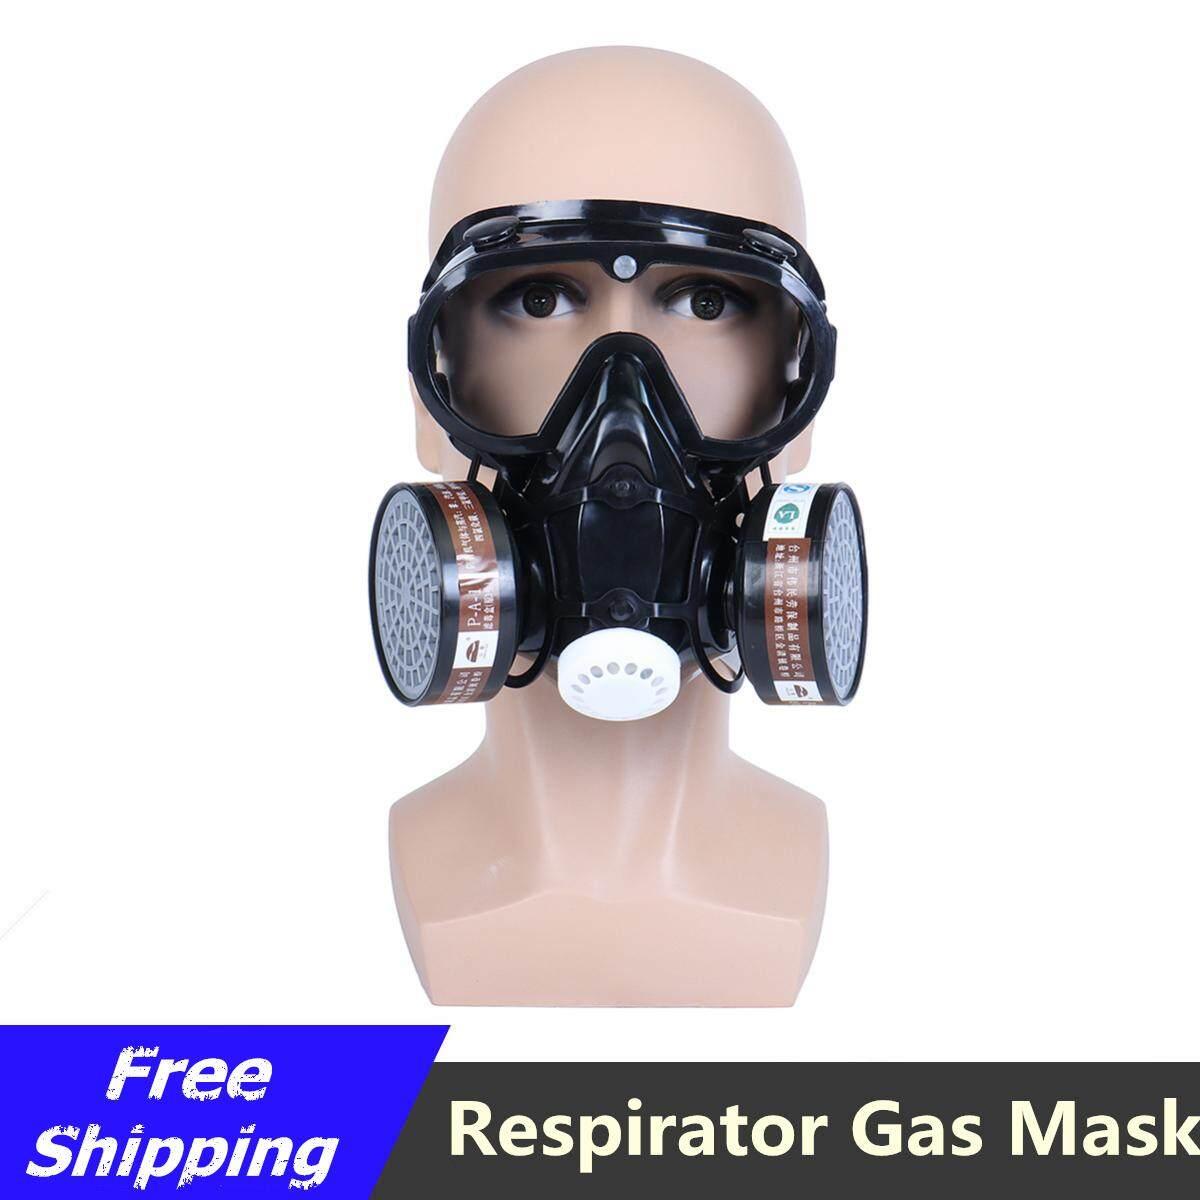 【free Pengiriman + Super Deal + Terbatas Offer】respirator Masker Gas Safety Kimia Anti Penyaring Debu Militer Kacamata Set By Freebang.